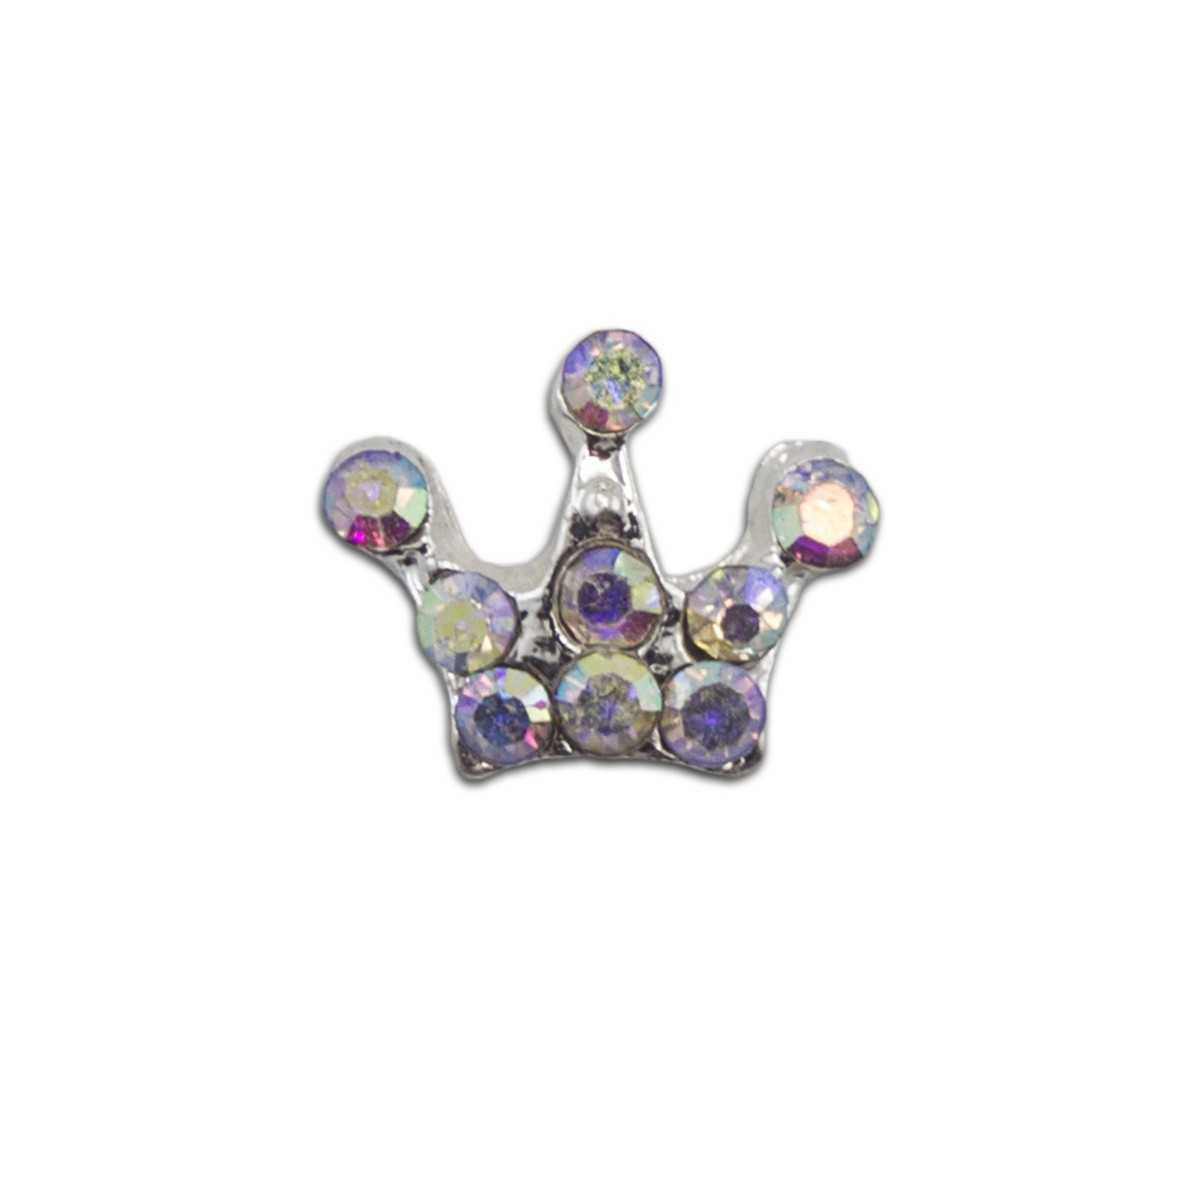 https://www.kit-manucure.com/1581-thickbox_default/bijoux-pour-ongles-couronne-argent-et-strass.jpg